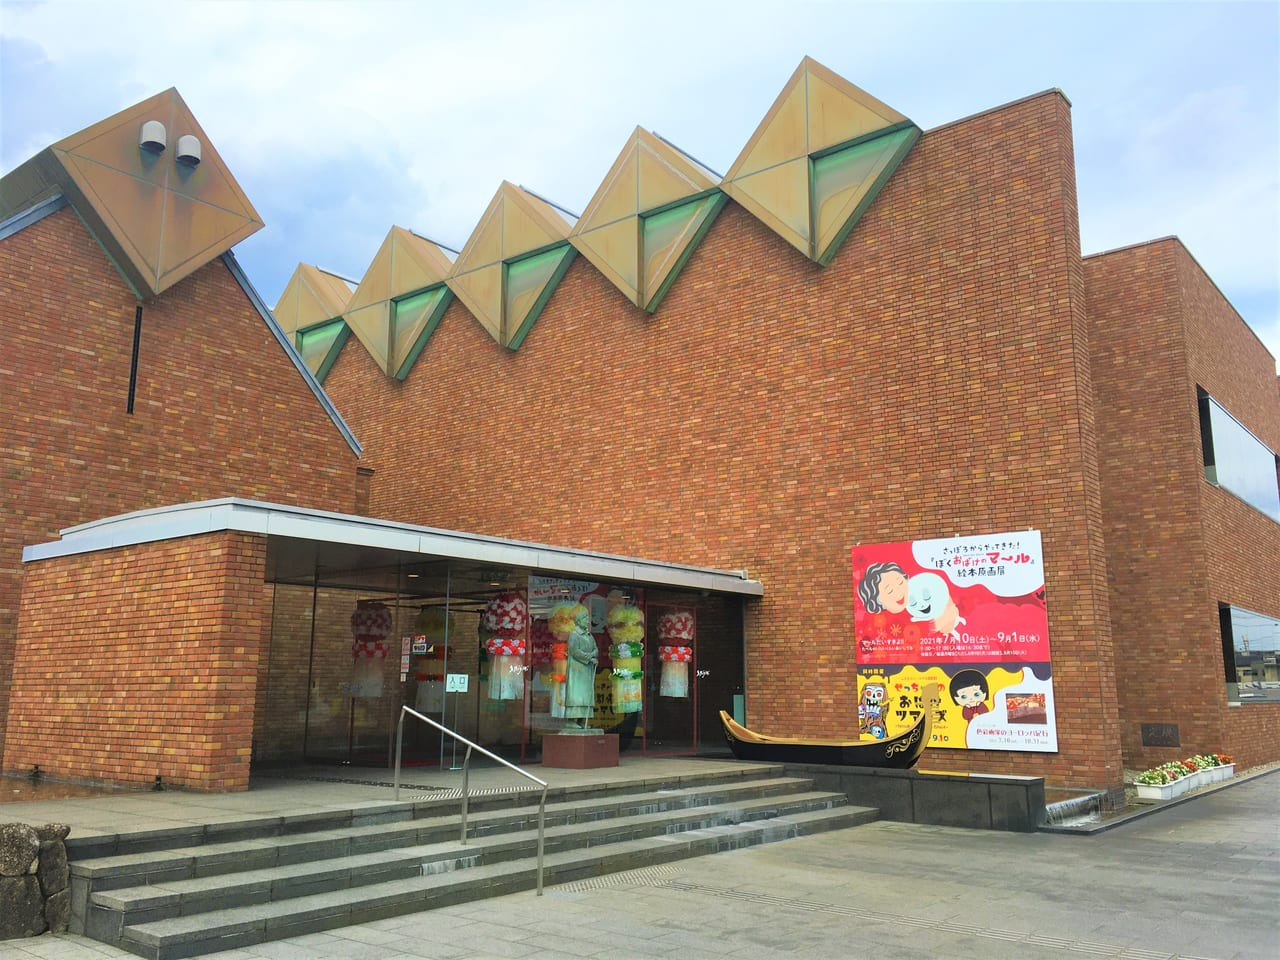 さっぽろからやってきた!「ぼくおばけのマール」絵本原画展 三岸節子記念美術館の外観